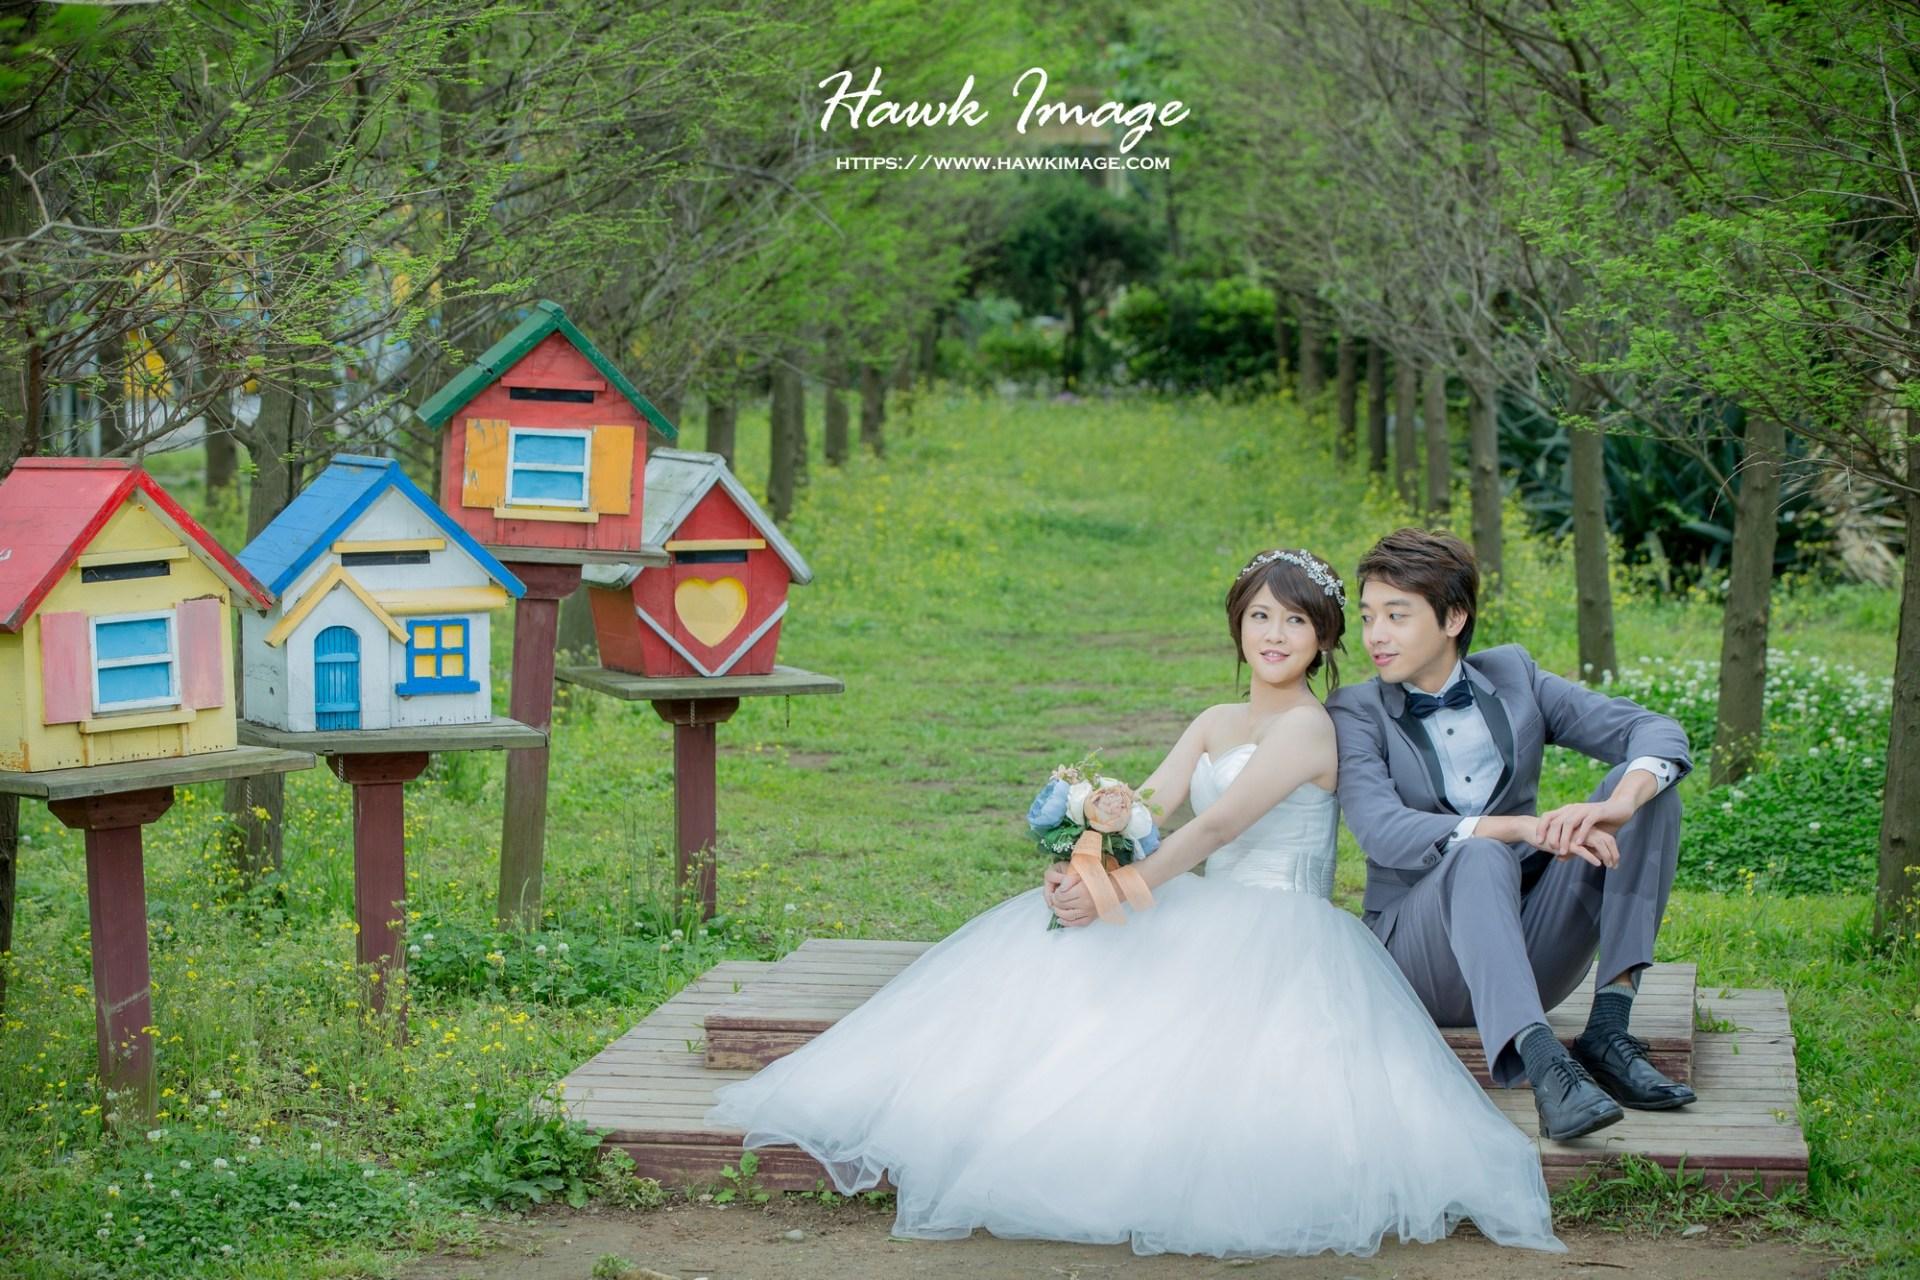 婚紗攝影,自助婚紗,拍婚紗,婚紗照,婚紗照風格,婚紗照景點,婚紗攝影推薦,台灣拍婚紗